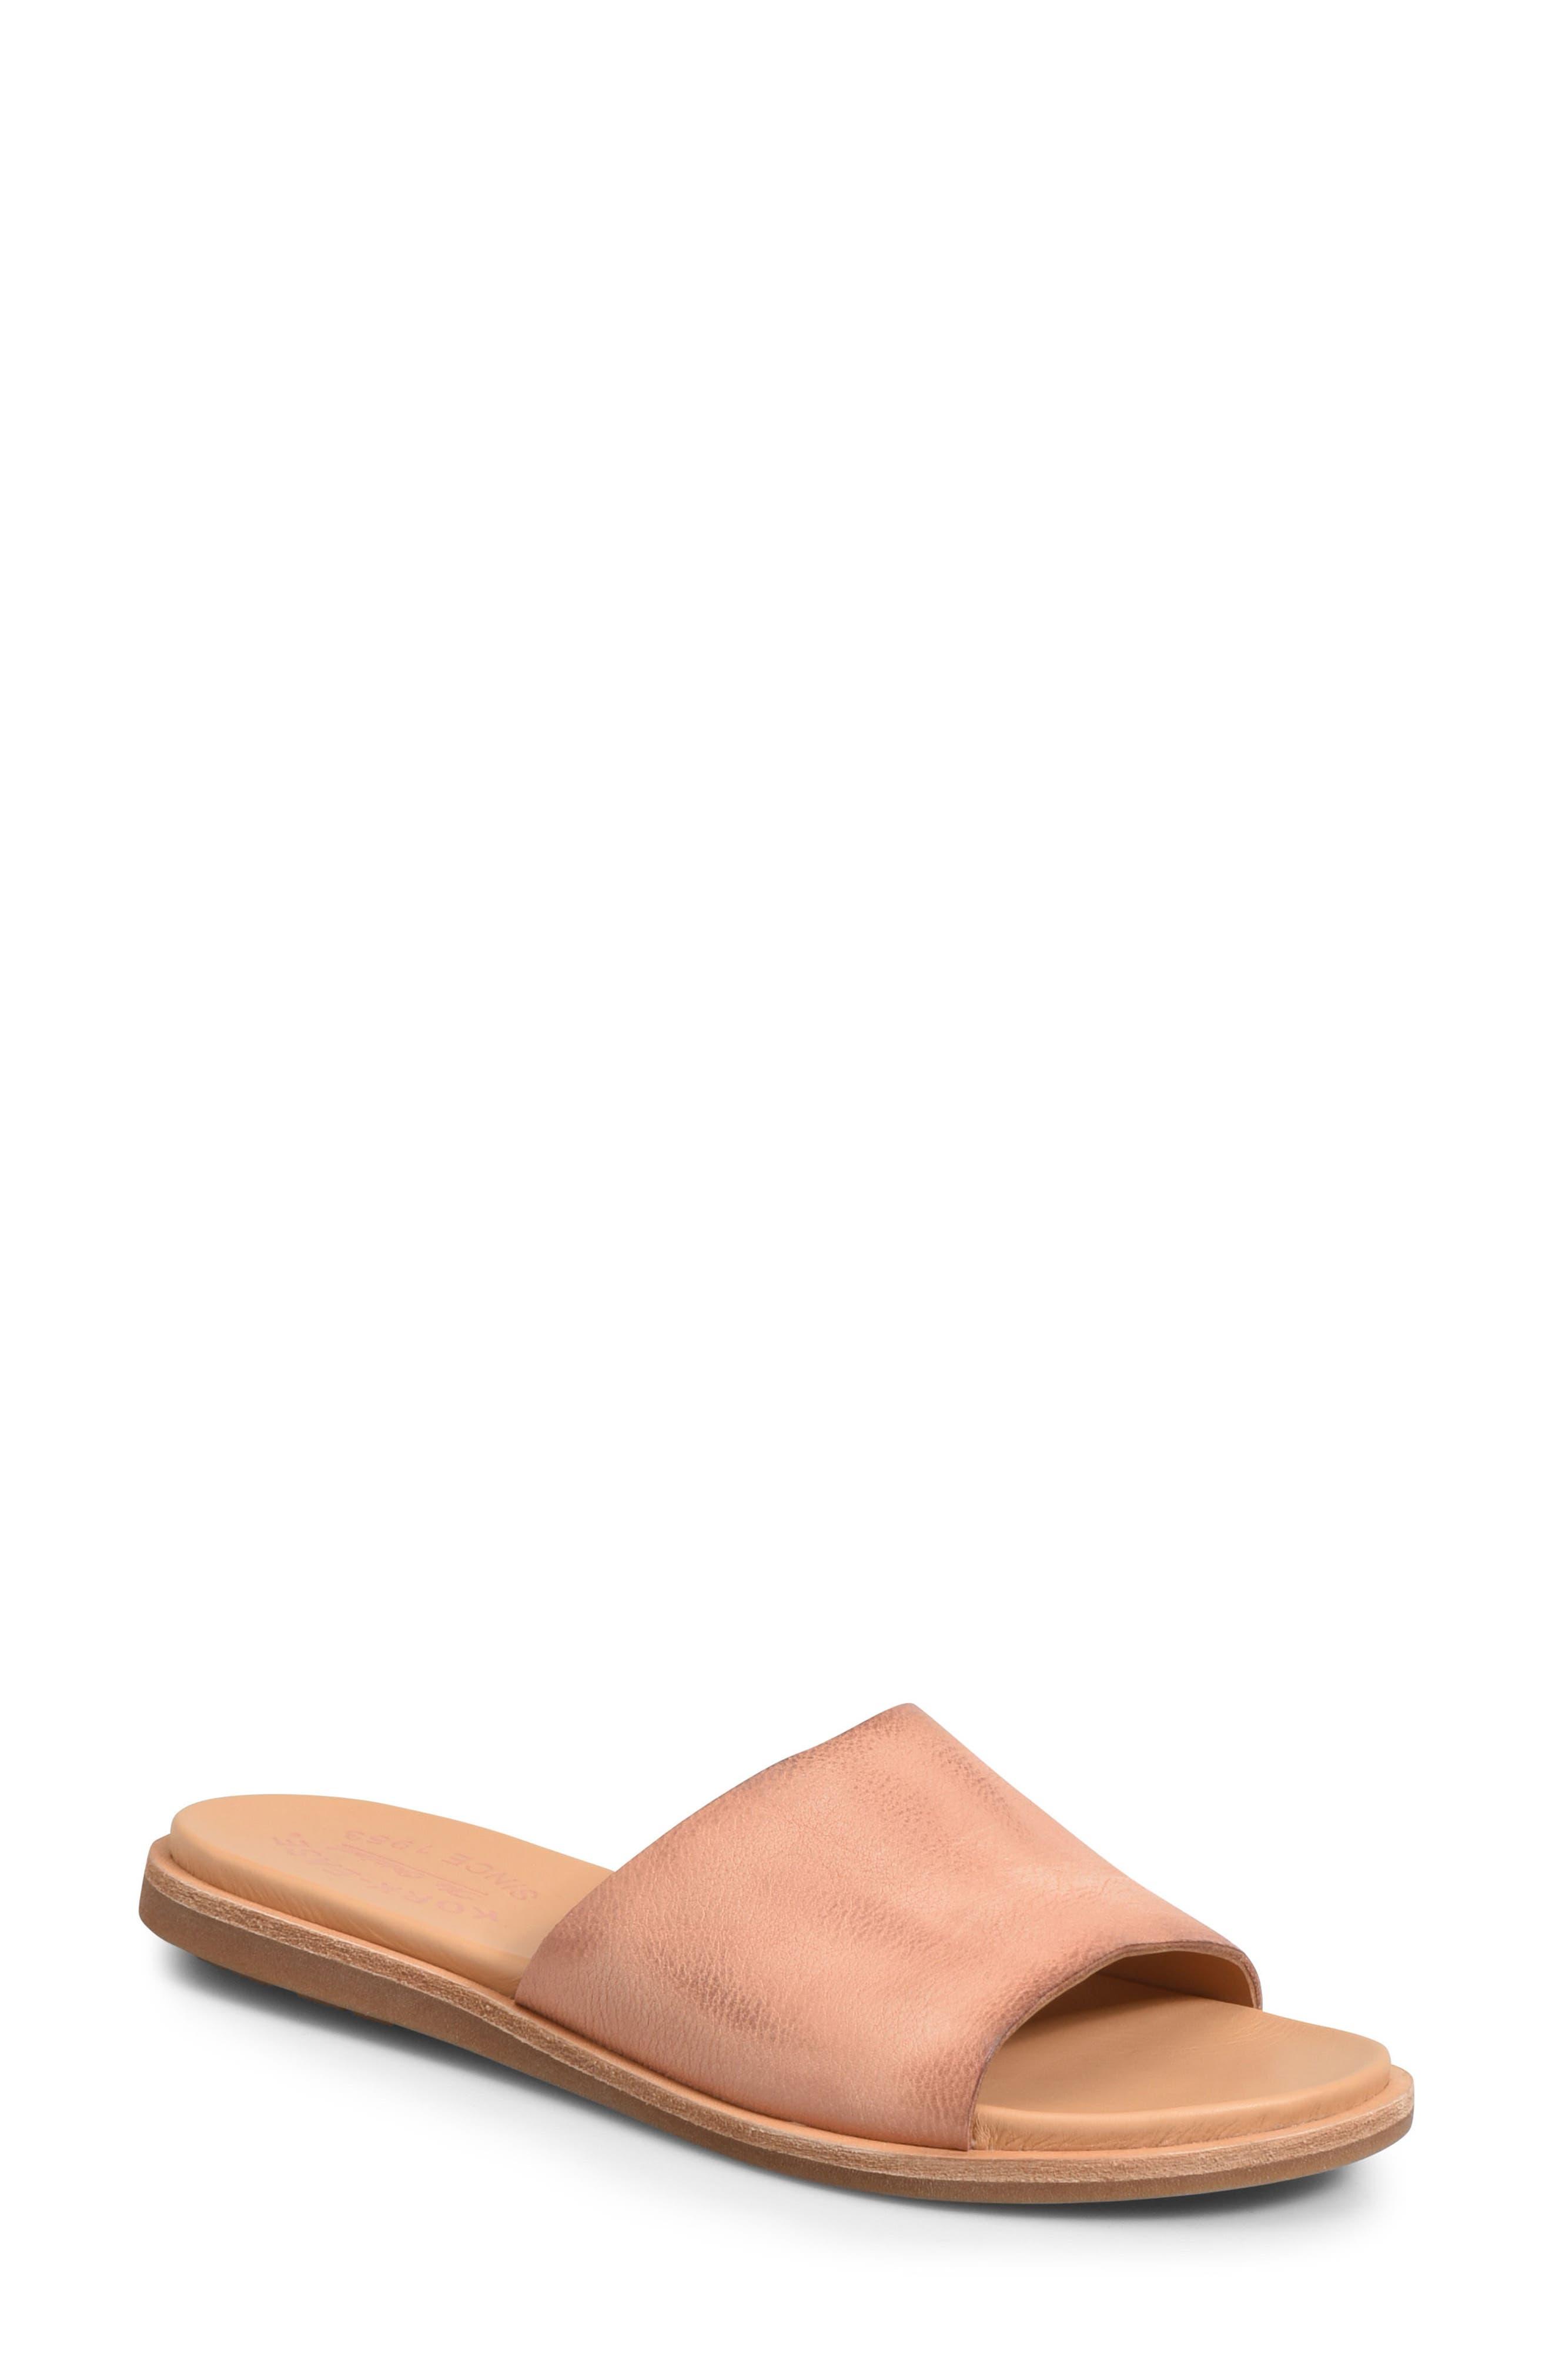 Kork-Ease Gila Slide Sandal, Pink